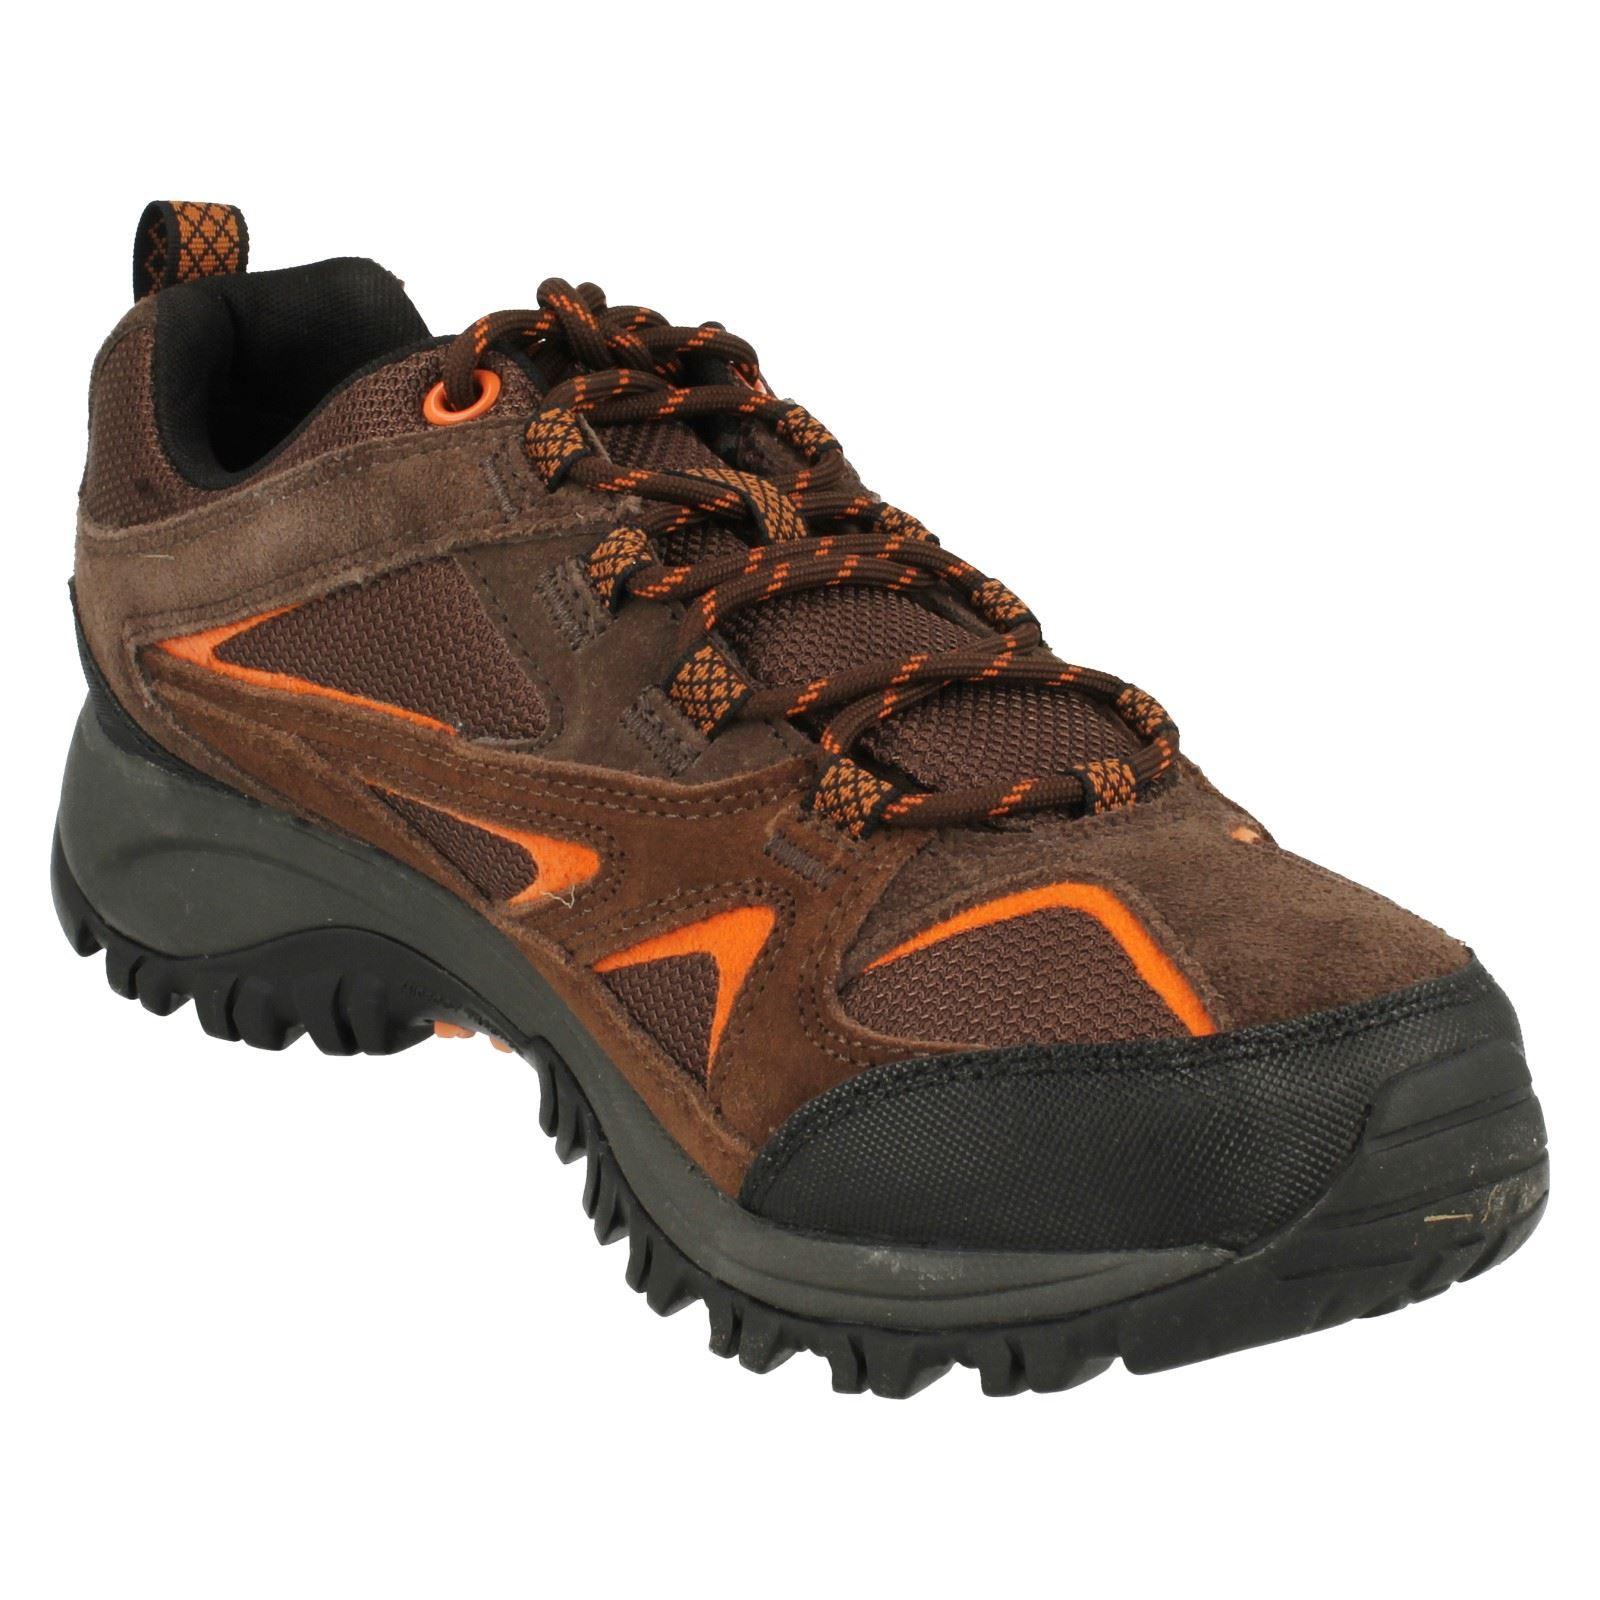 Schuhes Herren Merrell Casual Schuhes  'Phoenix Bluff Gore-Tex' 417ab1